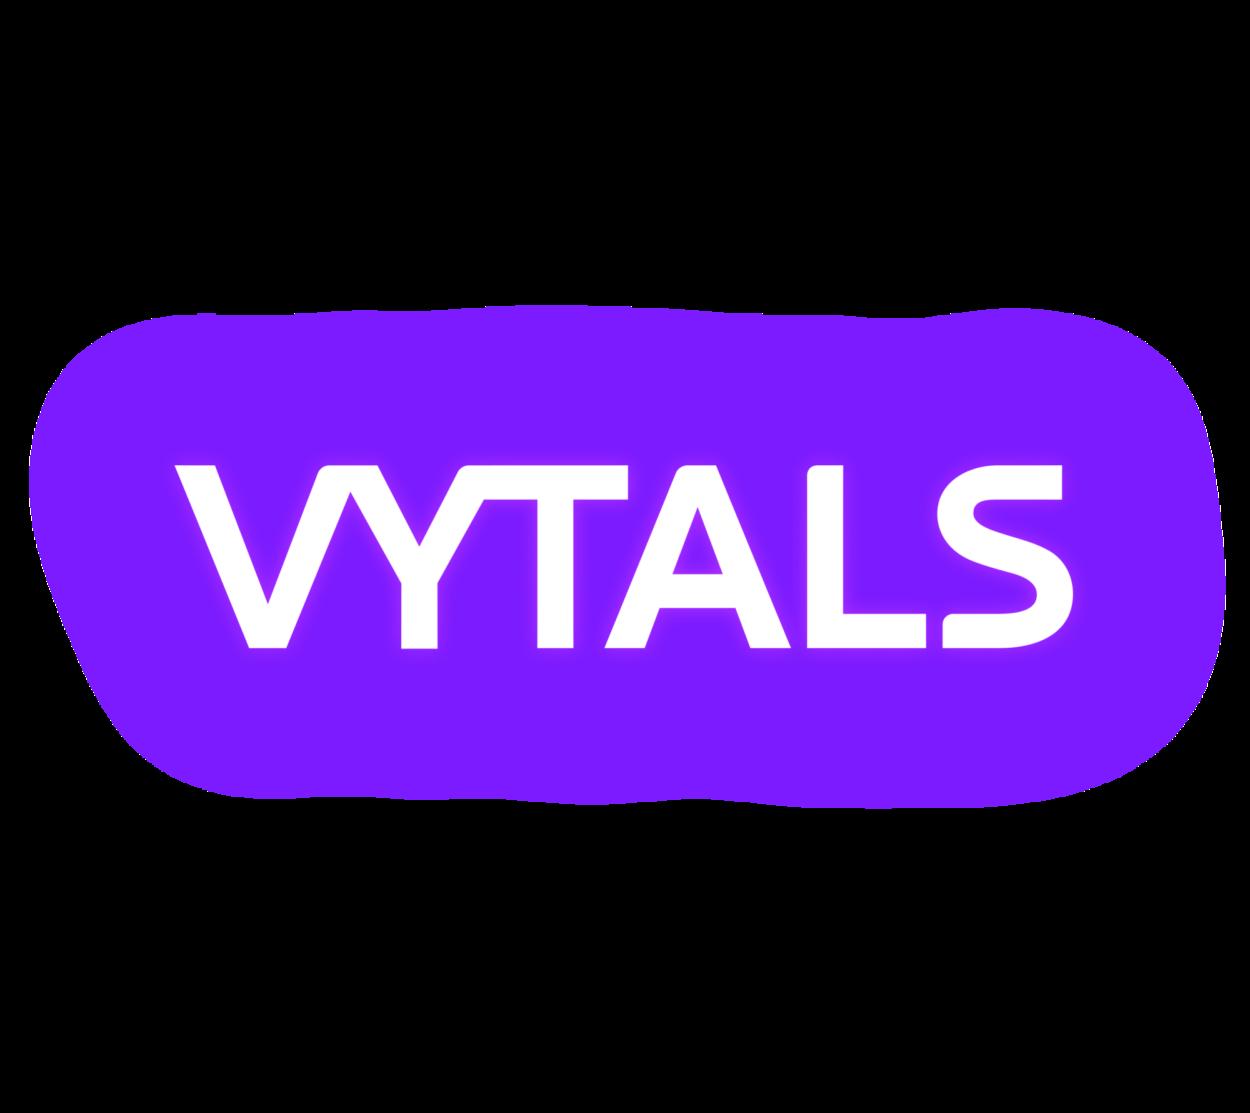 VYTALS logo homepage